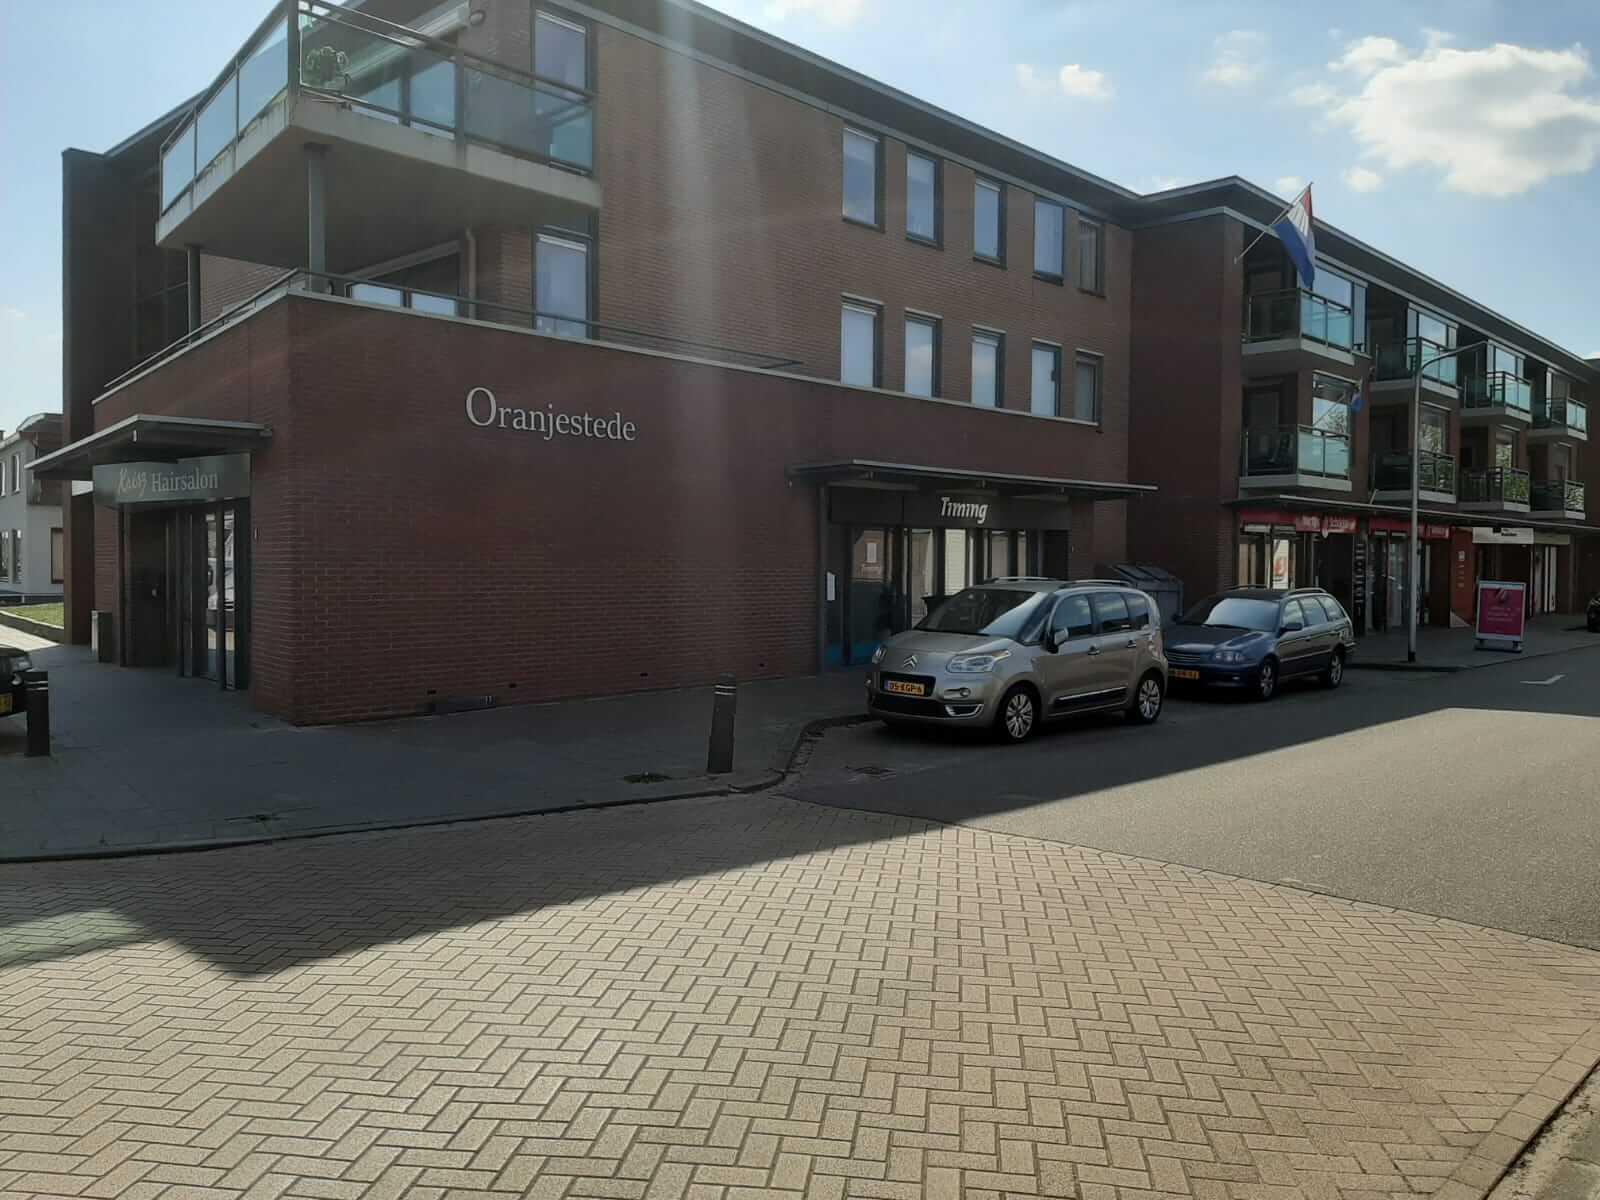 Vereniging van eigenaren onderhoud - Schildersbedrijf Leeuw & Bouwhuis